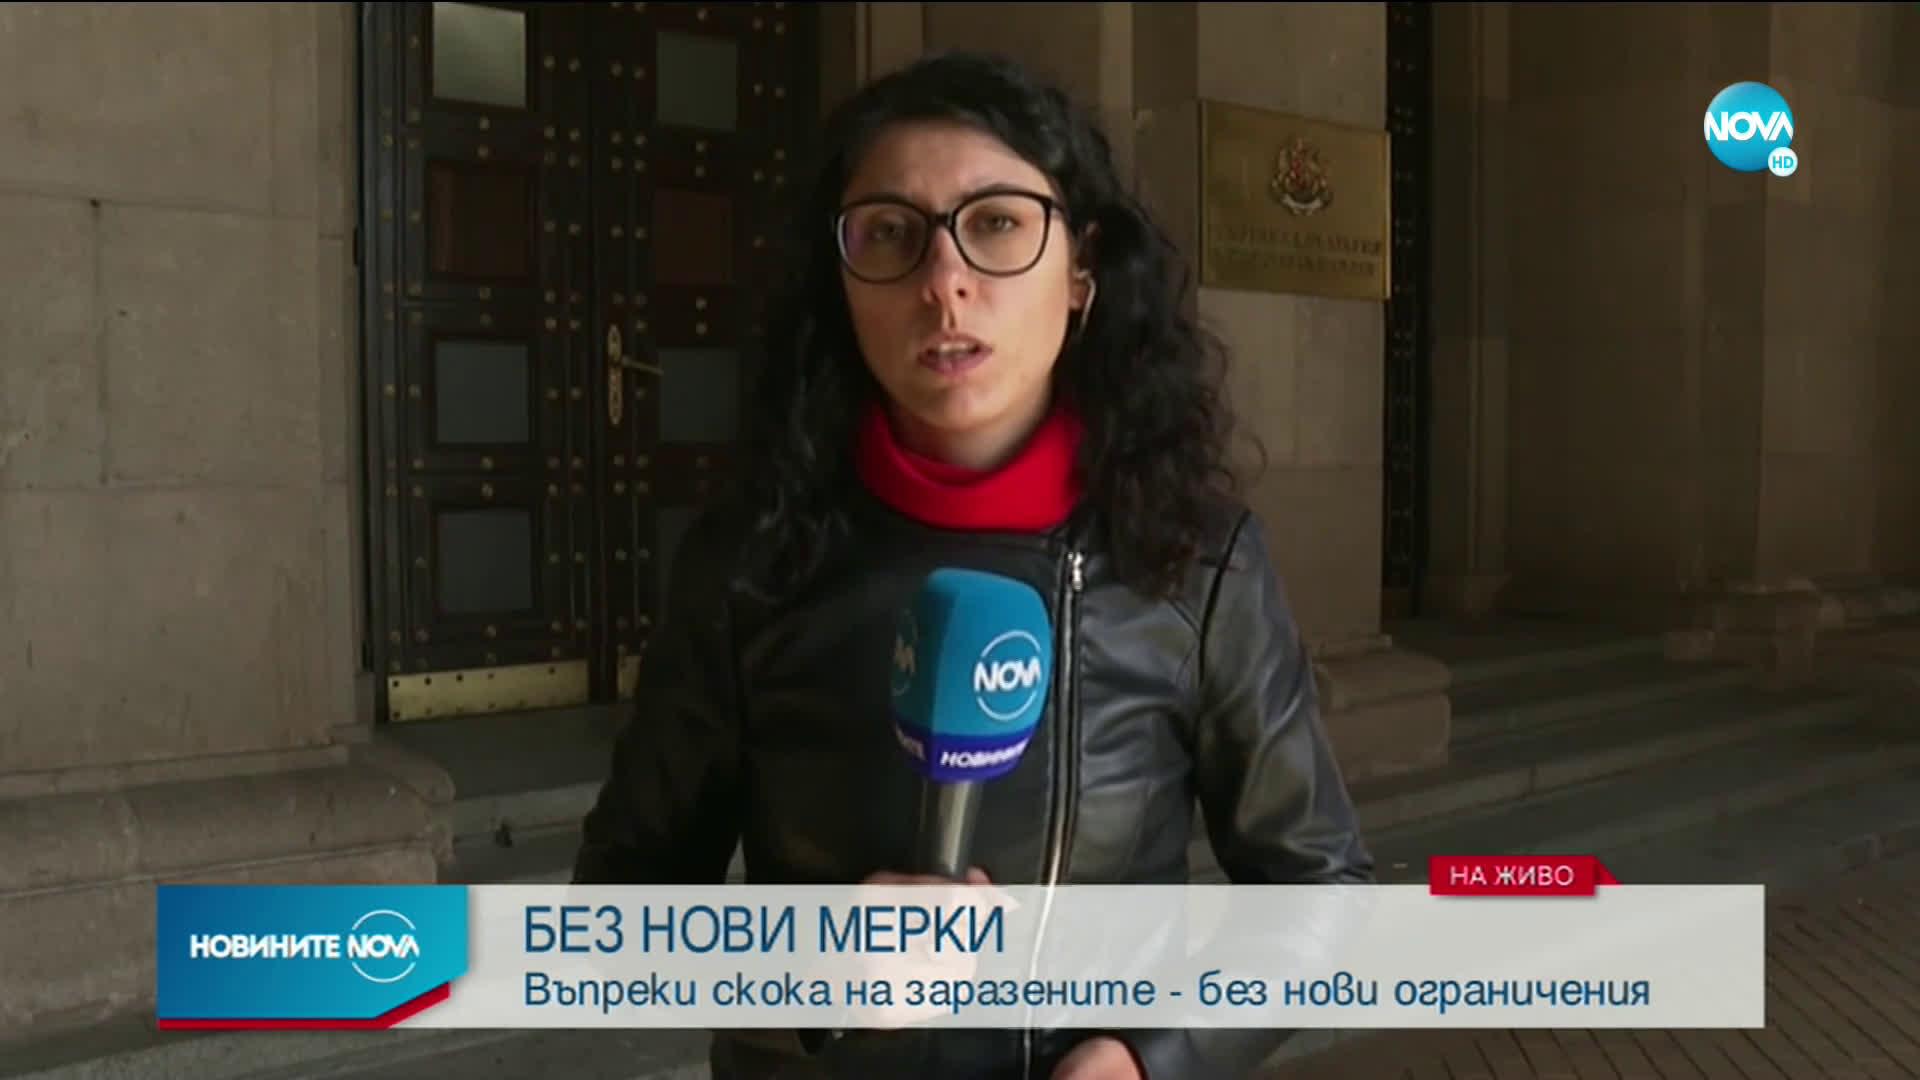 """Ангелов: Купуваме 2500 флакона """"Ремдесивир"""", няма да затваряме градовете"""